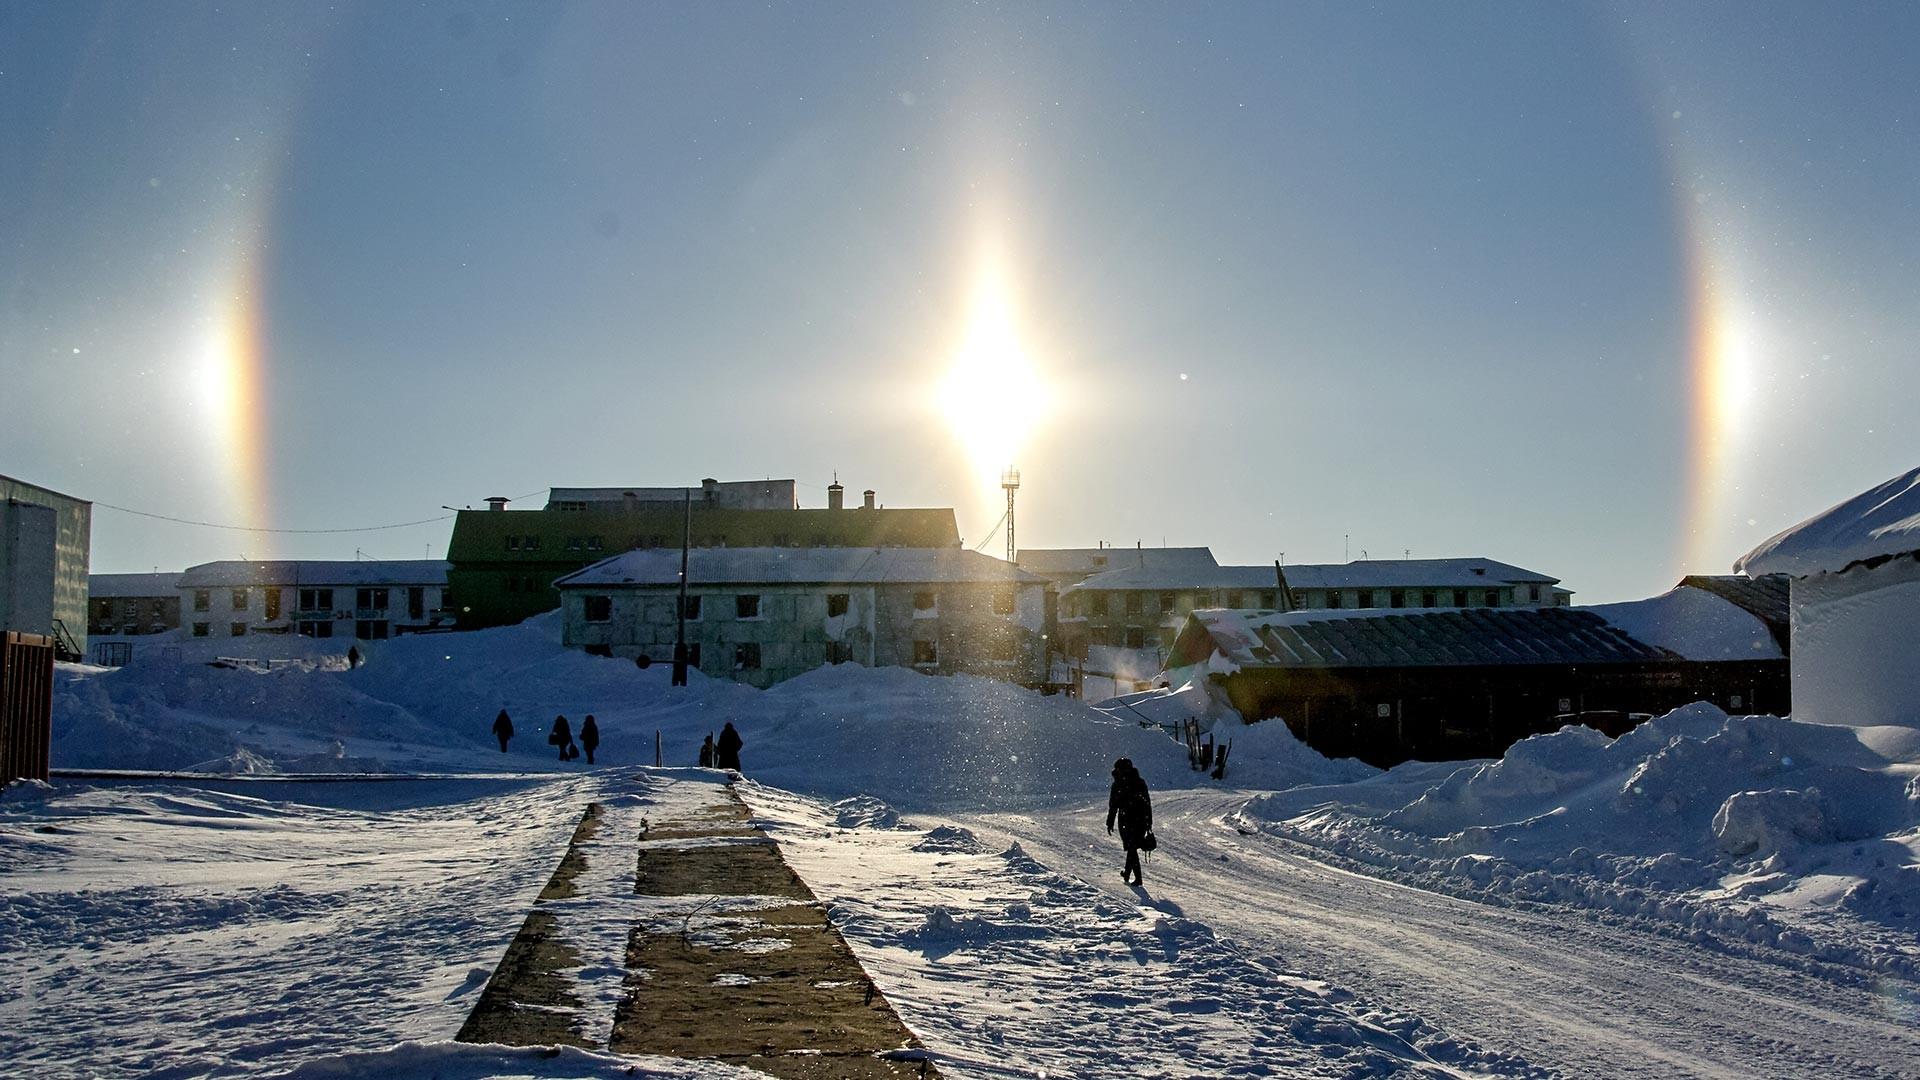 Dikson, najsevernejše naselje v Rusiji, leži v Tajmirskem Dolgano-Neneškem avtonomnem okrožju Krasnojarskega kraja.